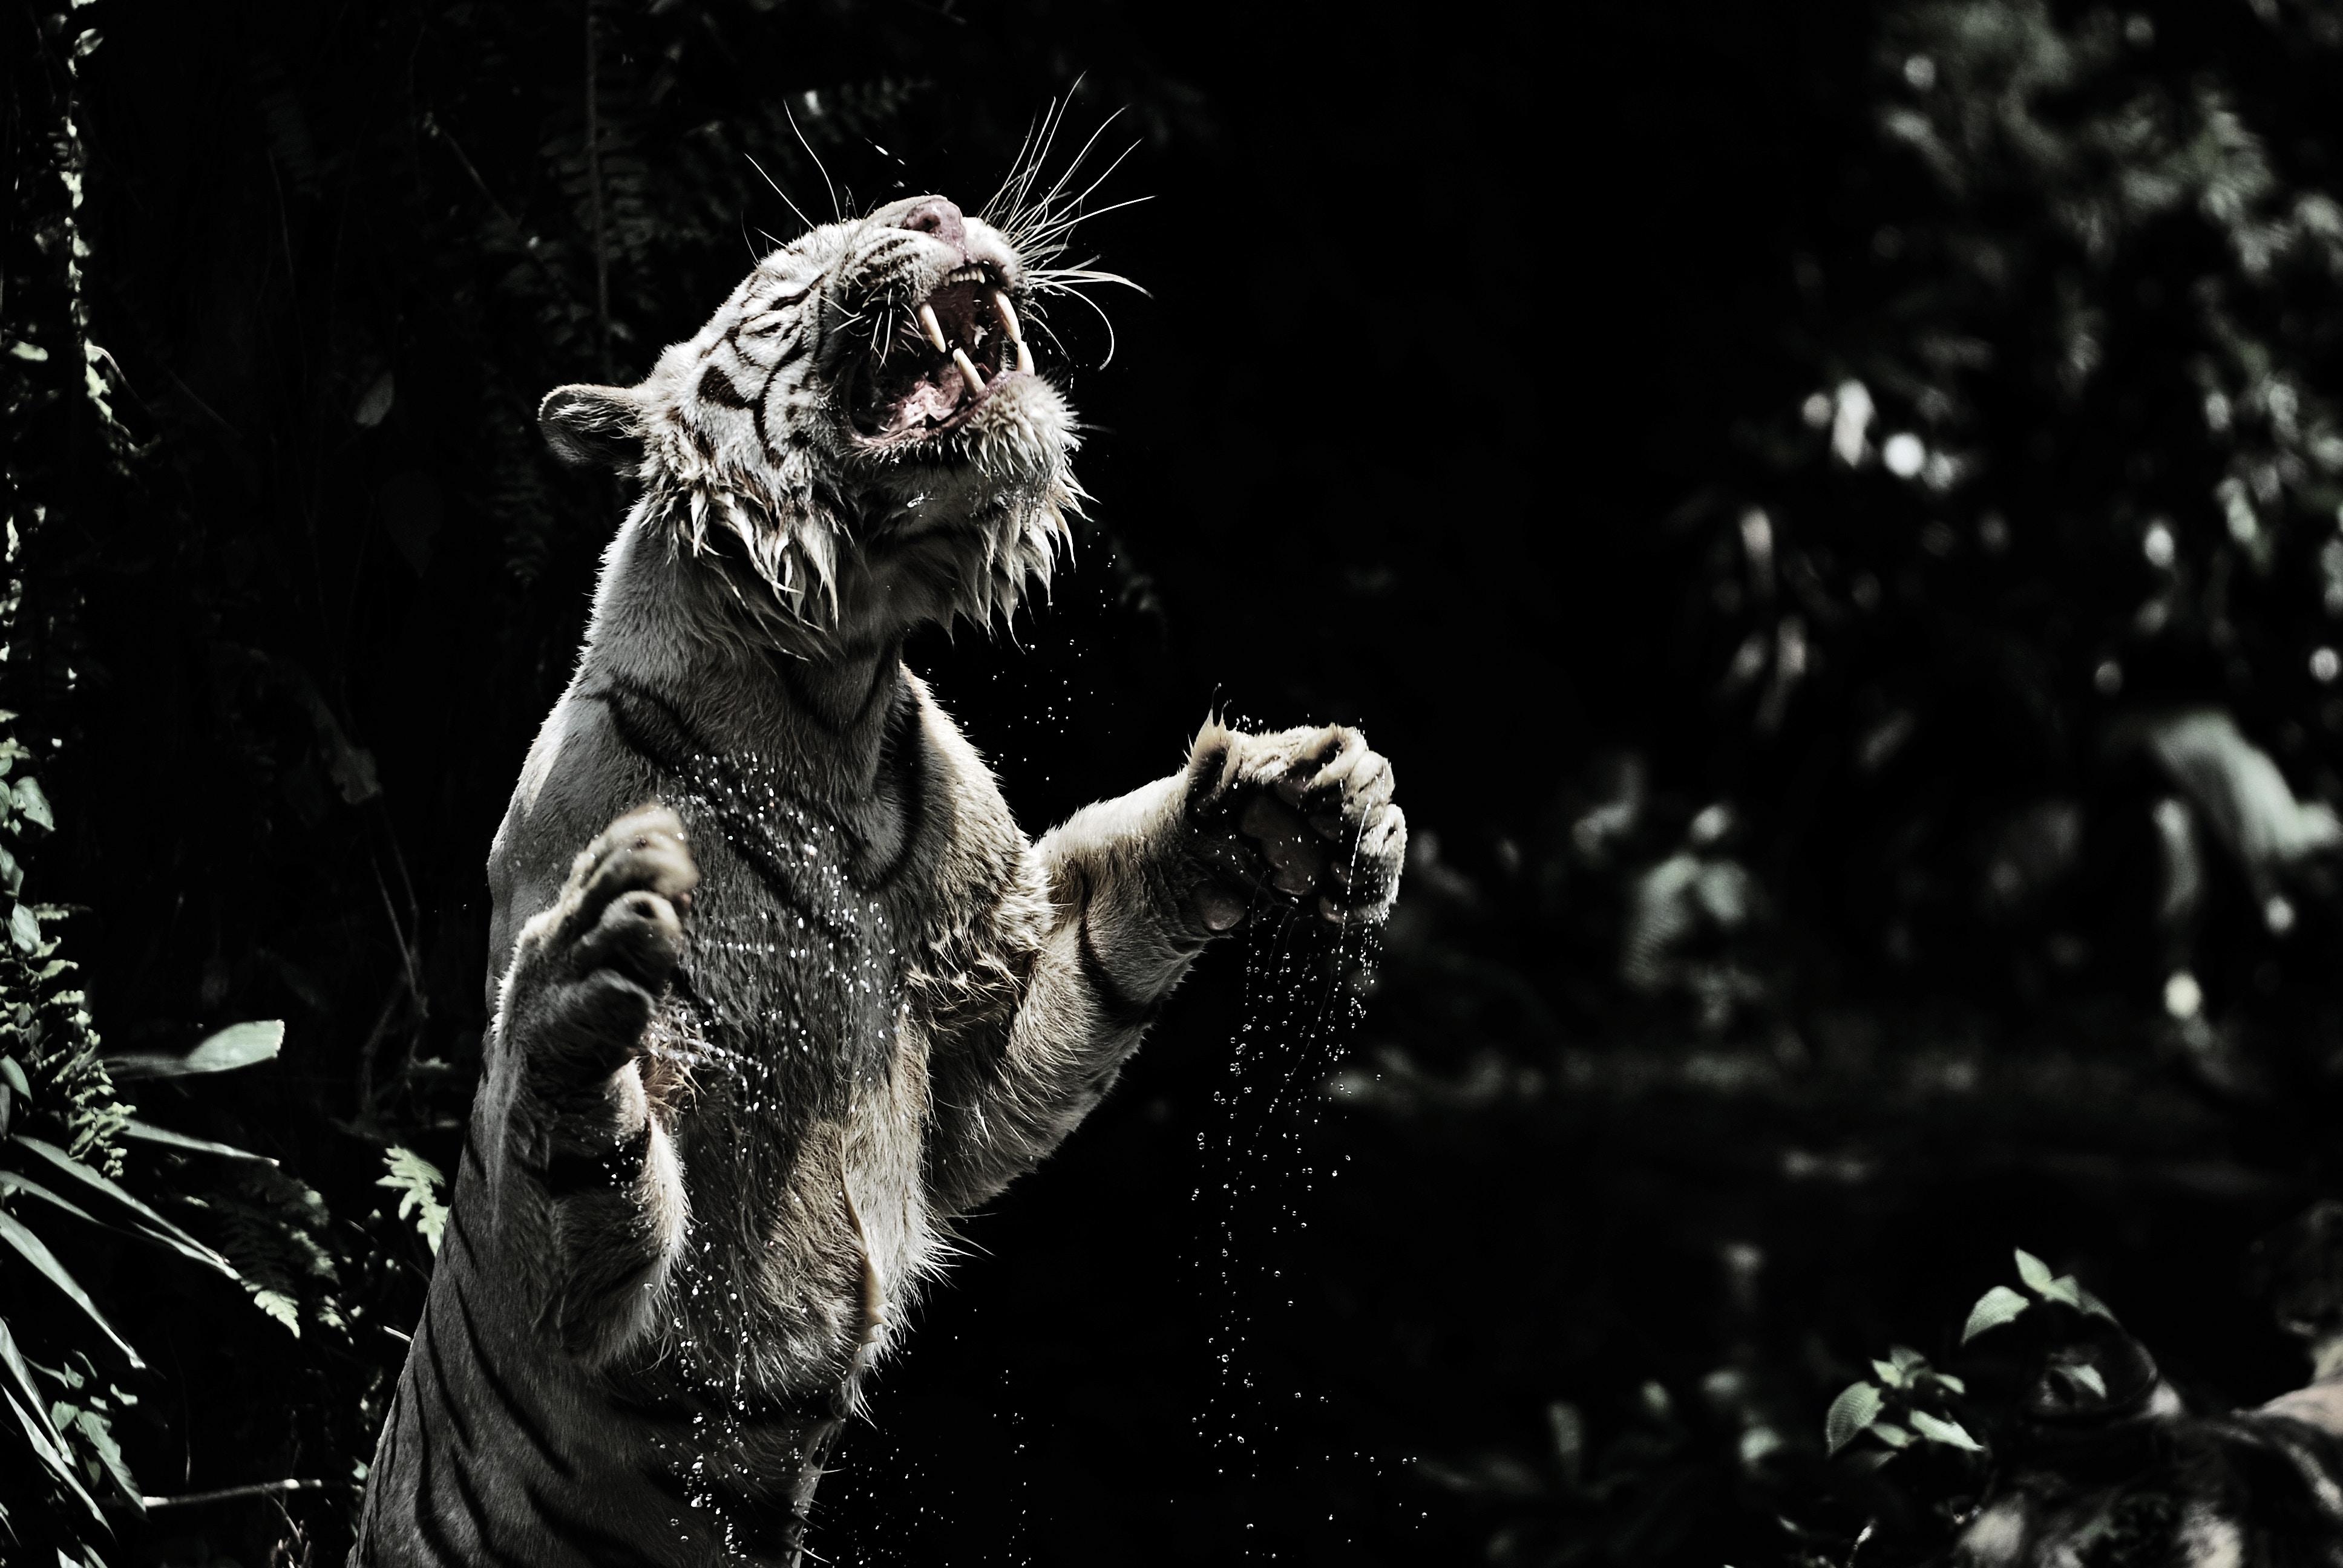 Beliebte Weißer Tiger Bilder für Mobiltelefone